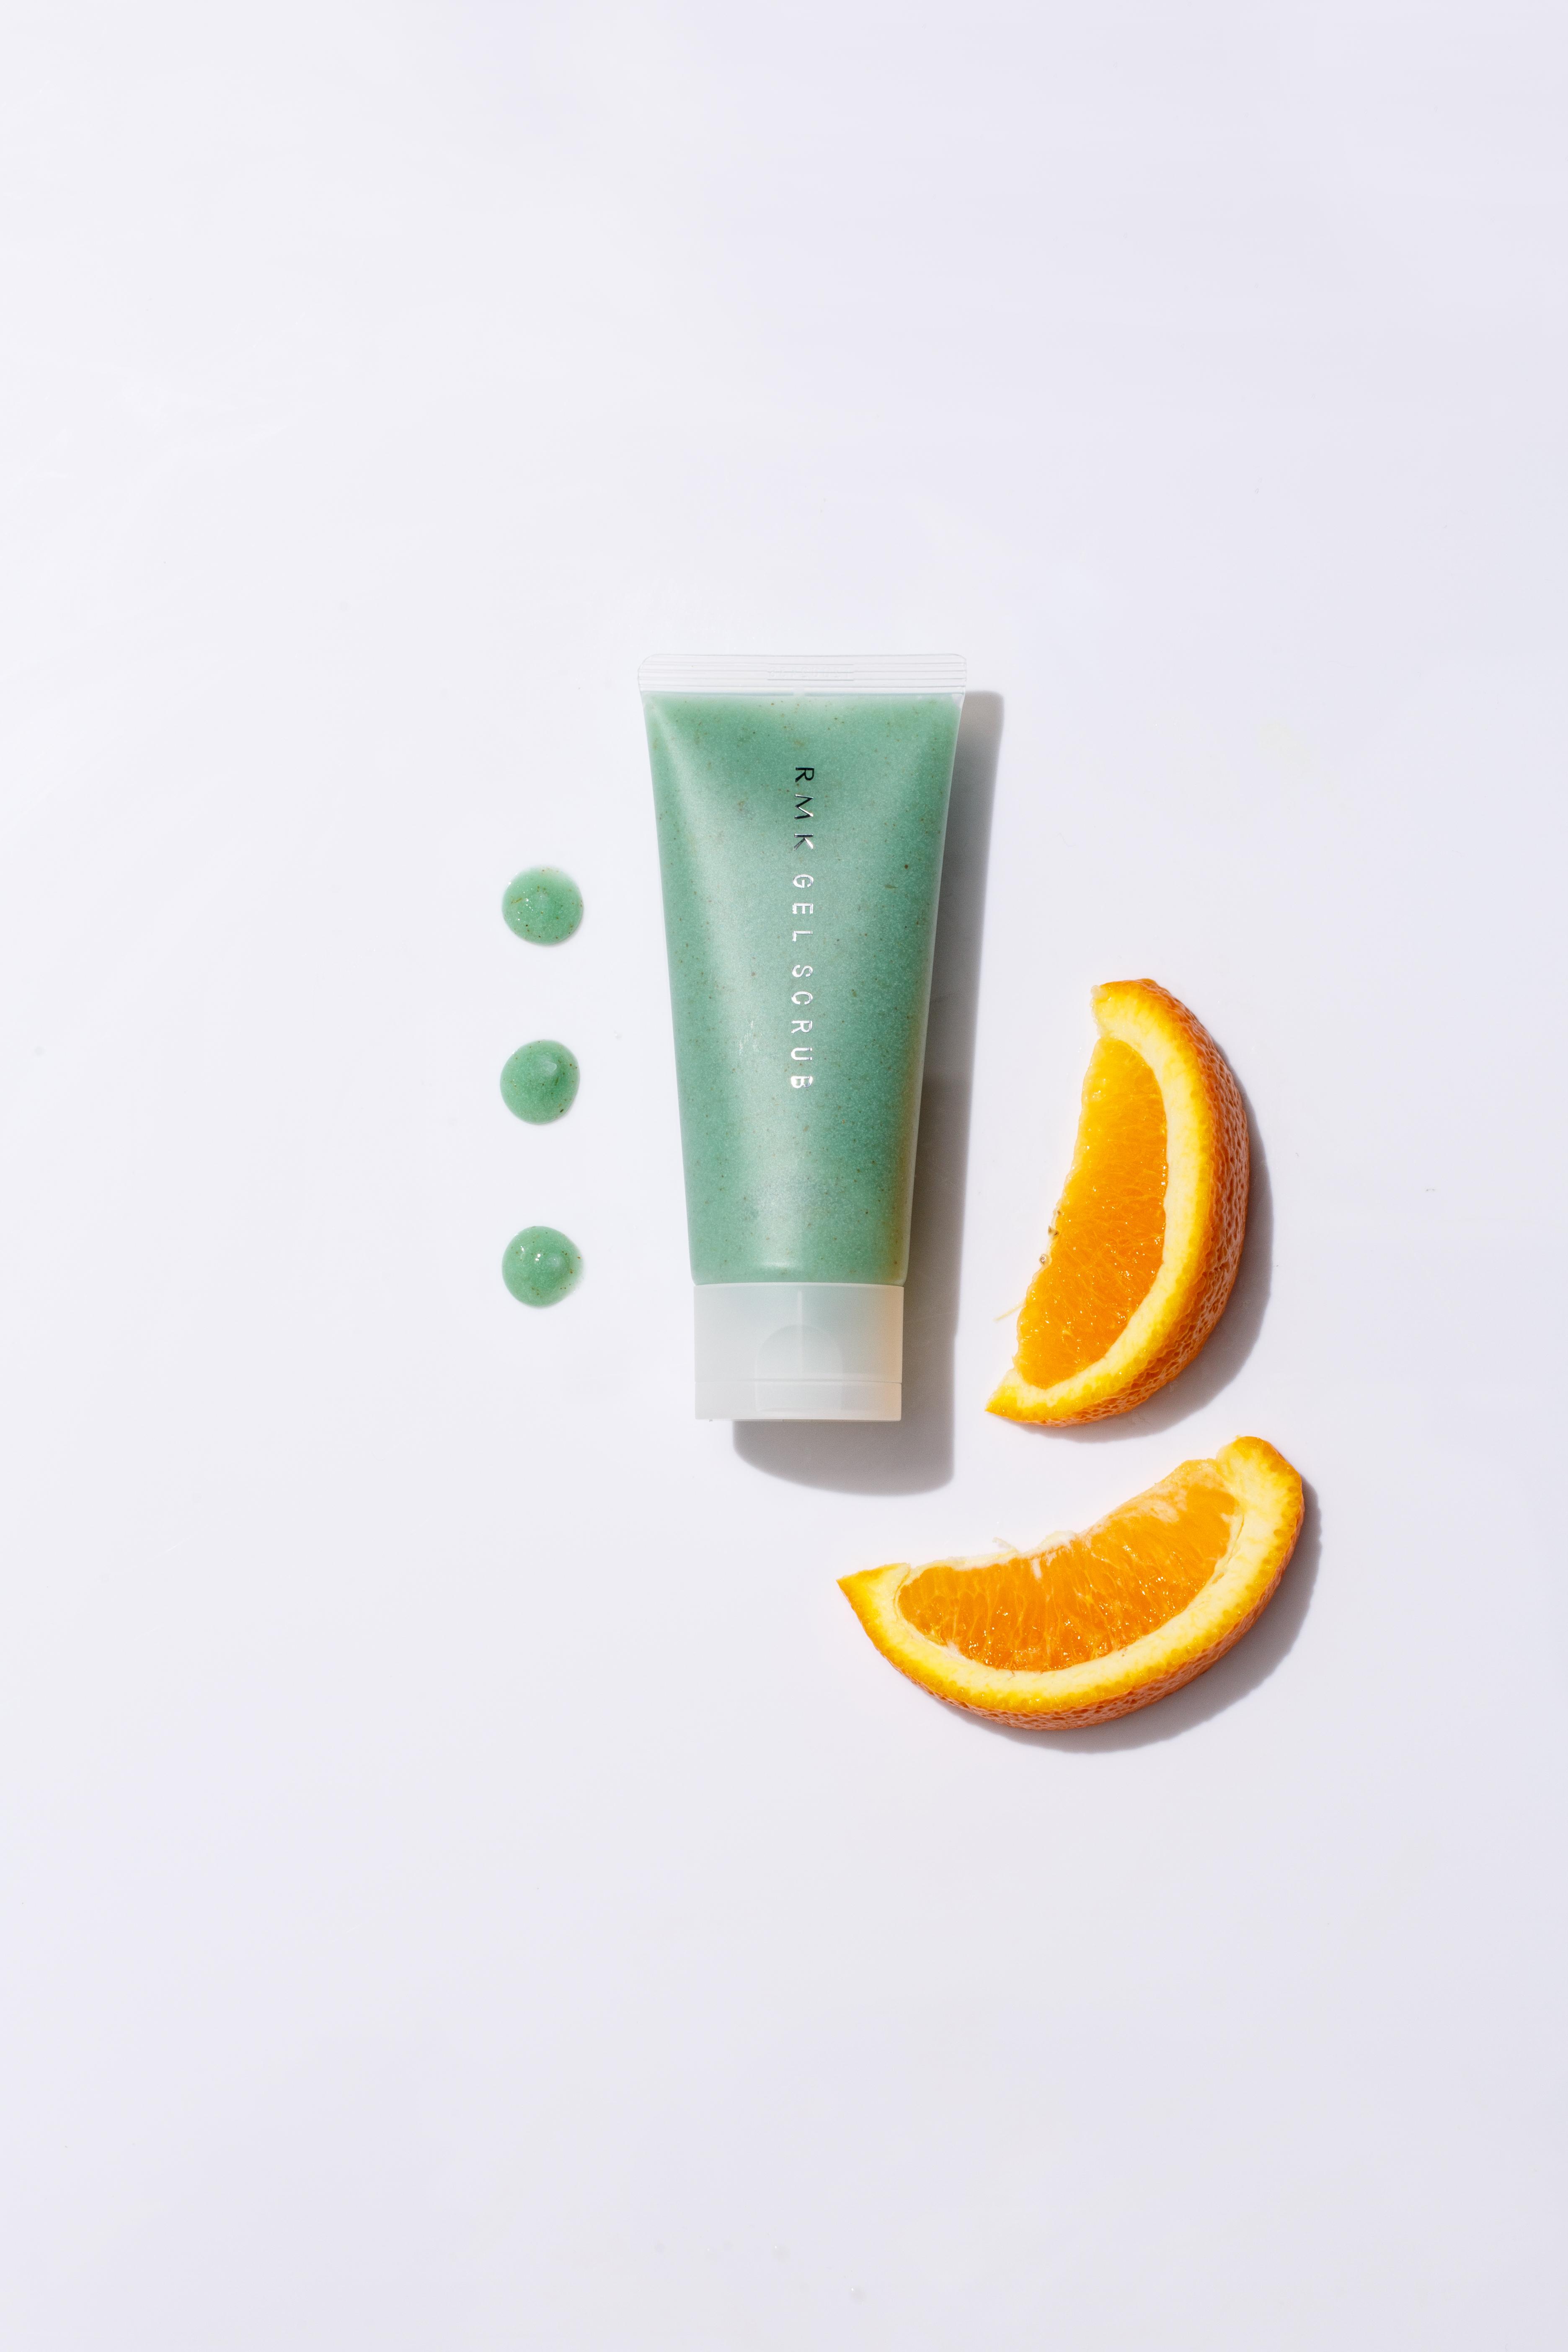 RMK 磨砂潔面膏 HK$260/100g 橙、西柚和檸檬精華的複合體,可以溫和徹底清除肌膚表面的多餘雜質,同時給予肌膚水分。全面塗開後維持一至三分鐘作面膜使用,以暖水徹底沖洗就可,能代替日常潔面產品使用。